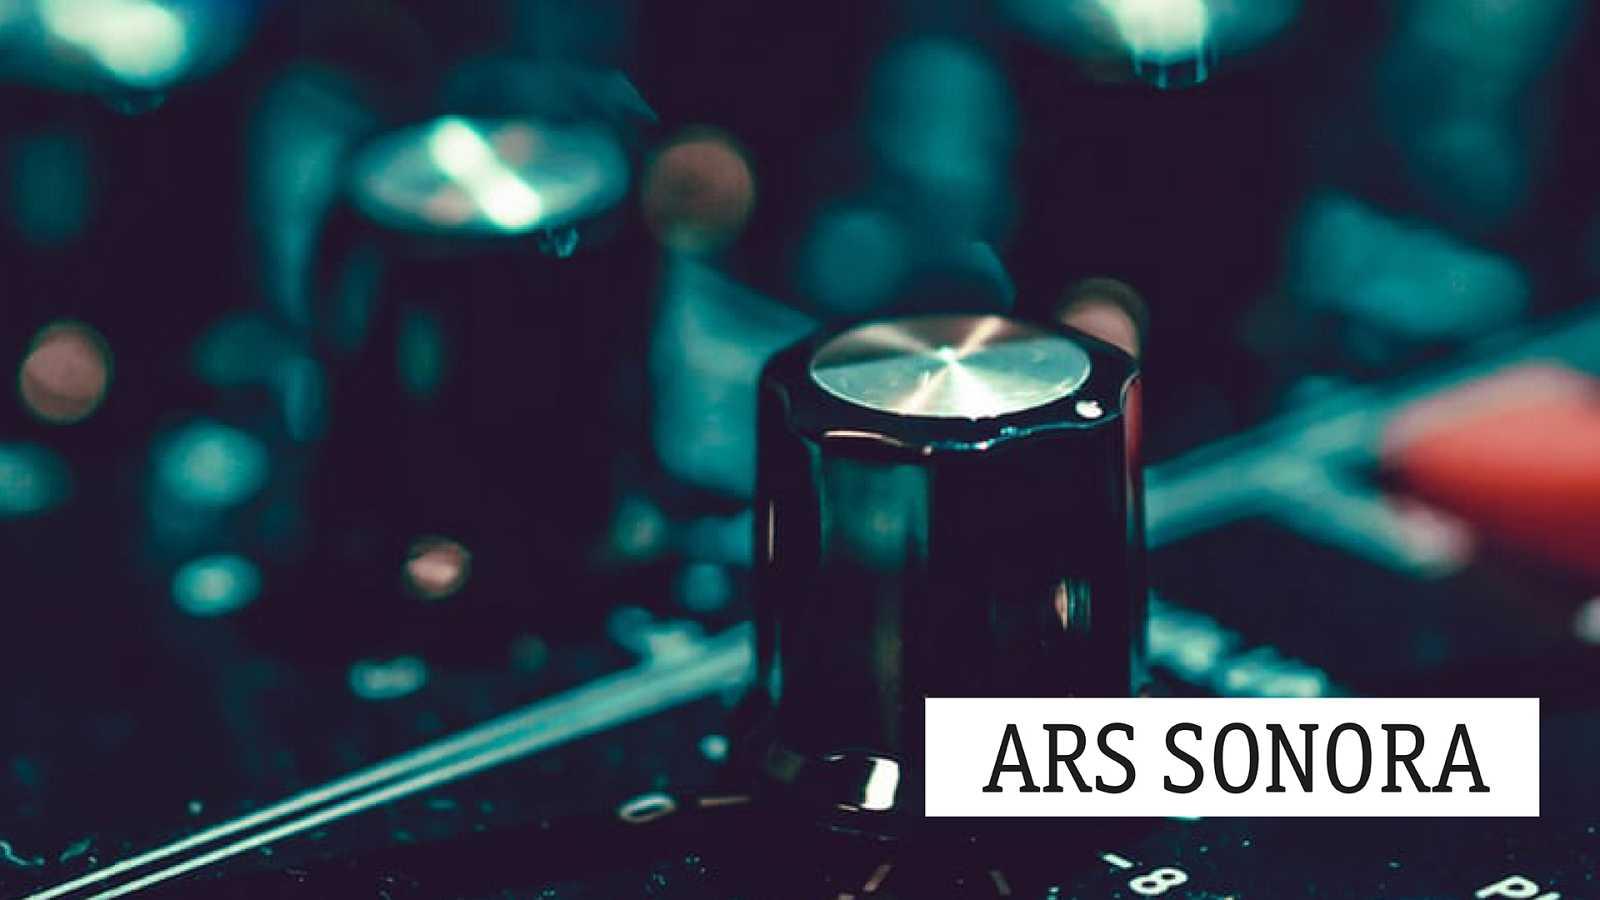 Ars sonora - La apertura de la voz, con Coral Nieto (I) - 29/02/20 - escuchar ahora